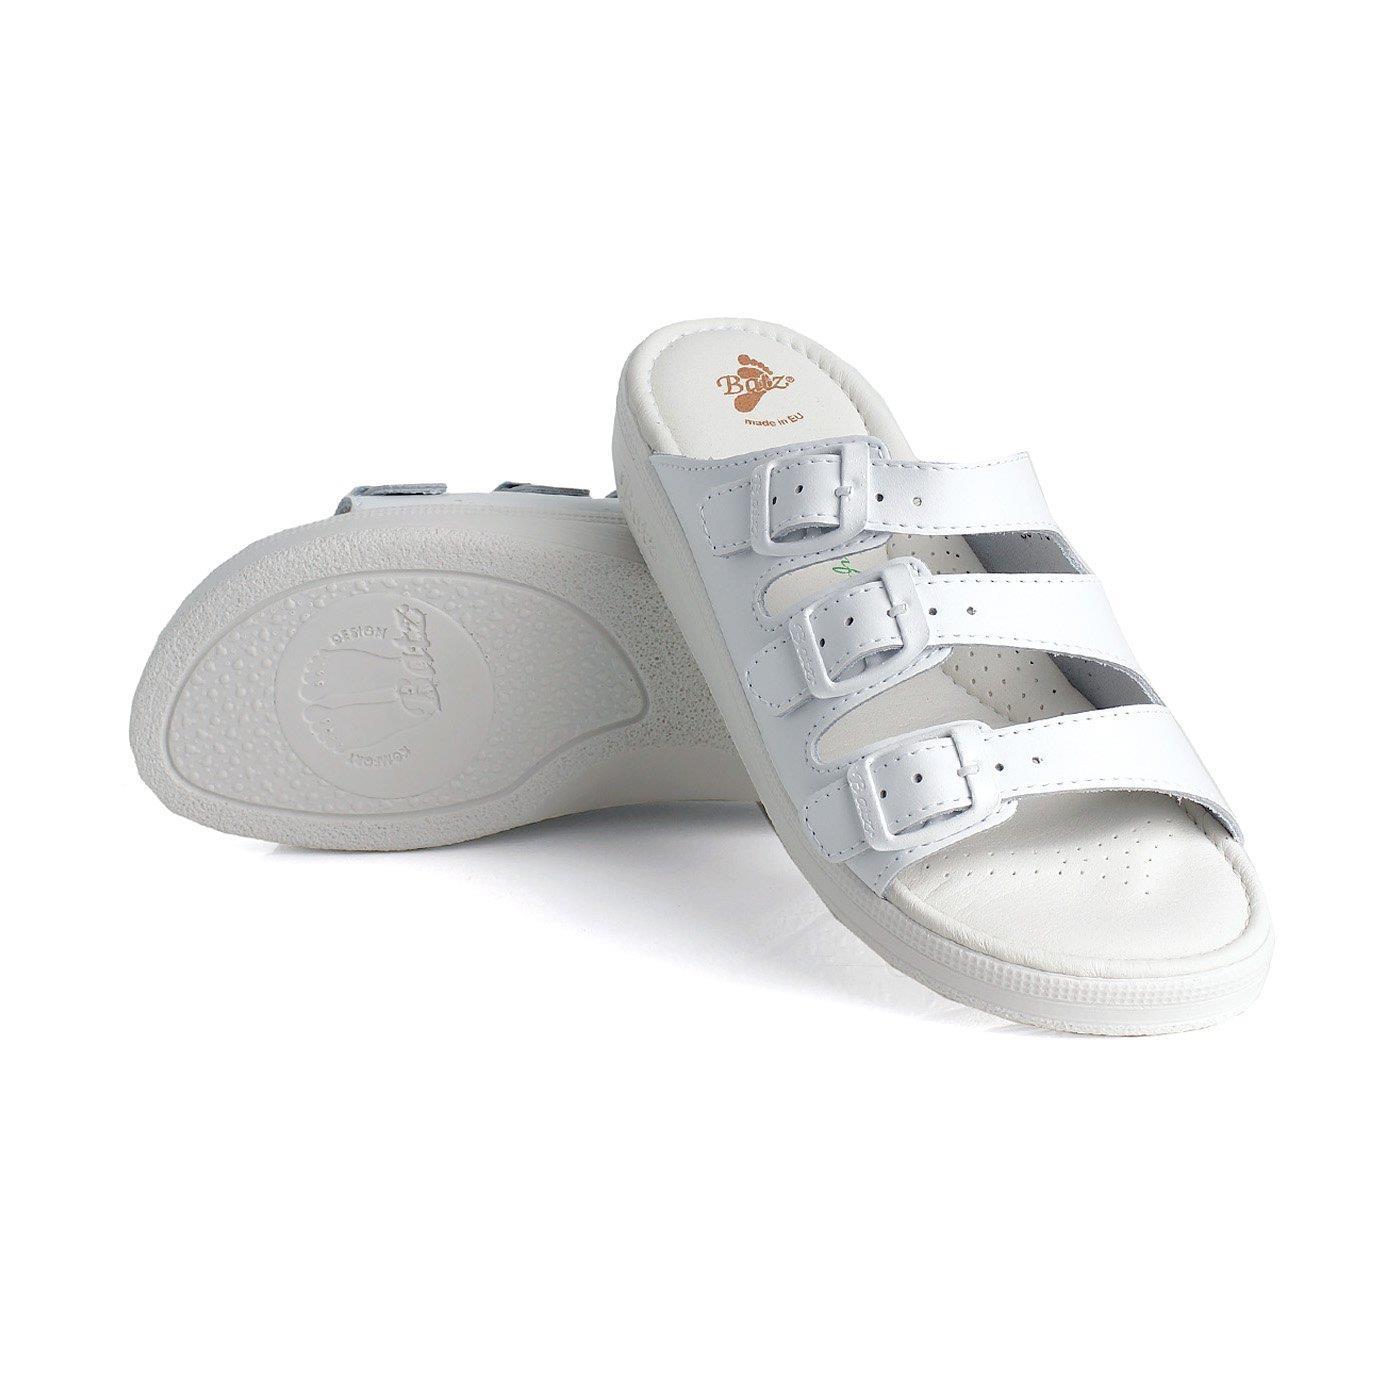 Batz* *Batz dámské zdravotní pantofle 3BCS White 36 36